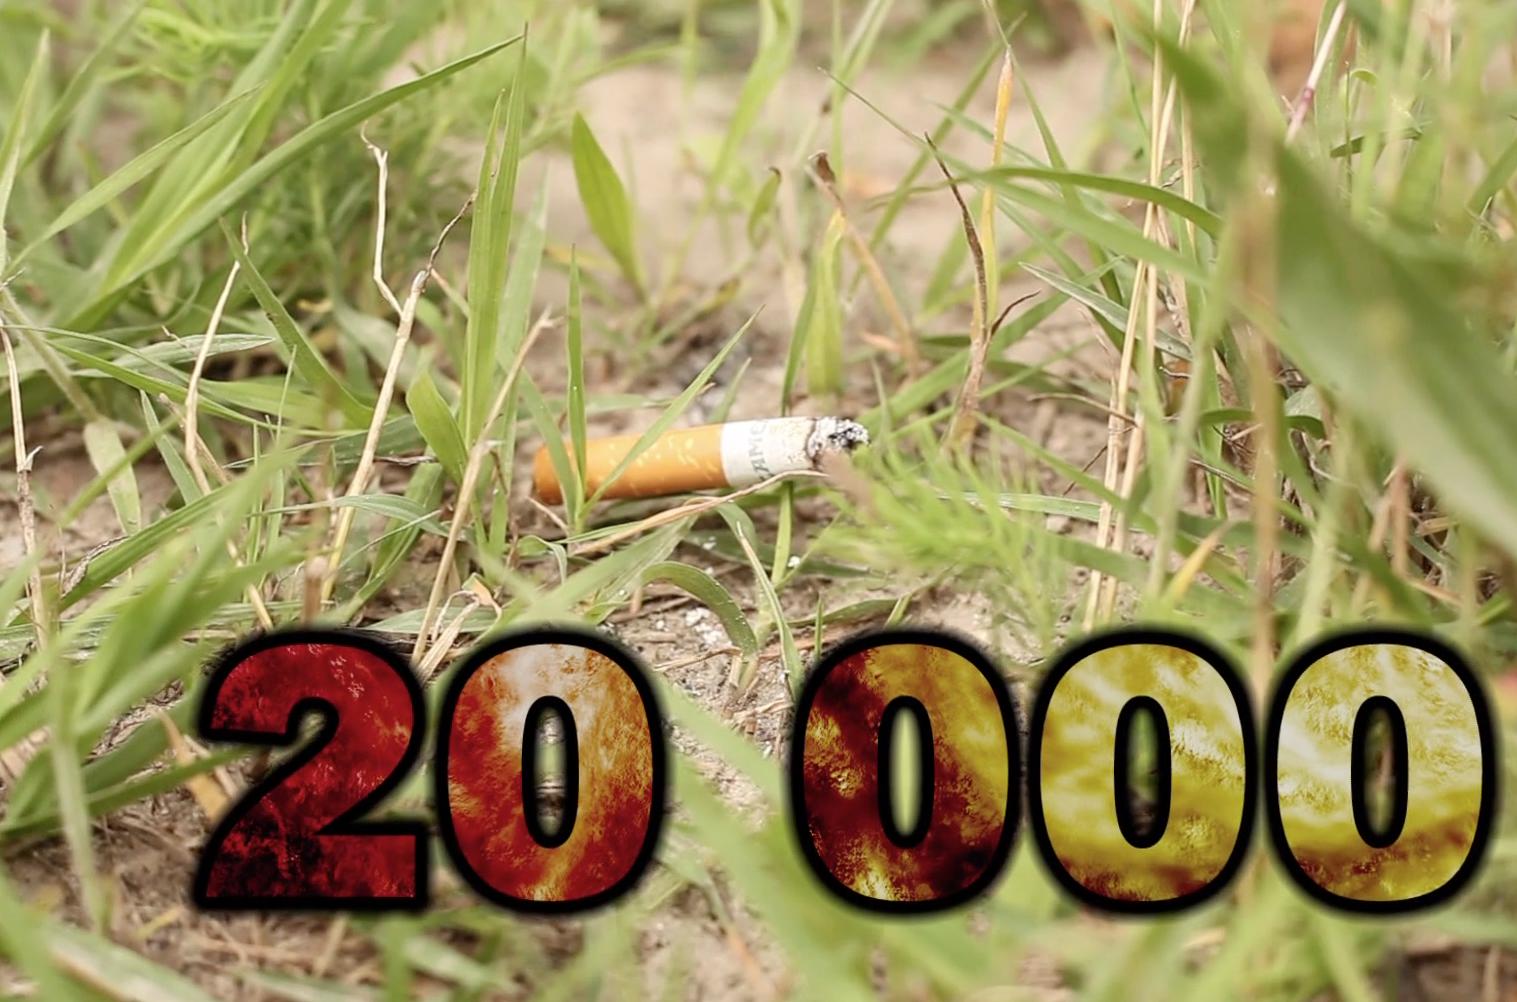 Erdő- és szabadtéri tüzek megelőzése (OTB) című videó előképe